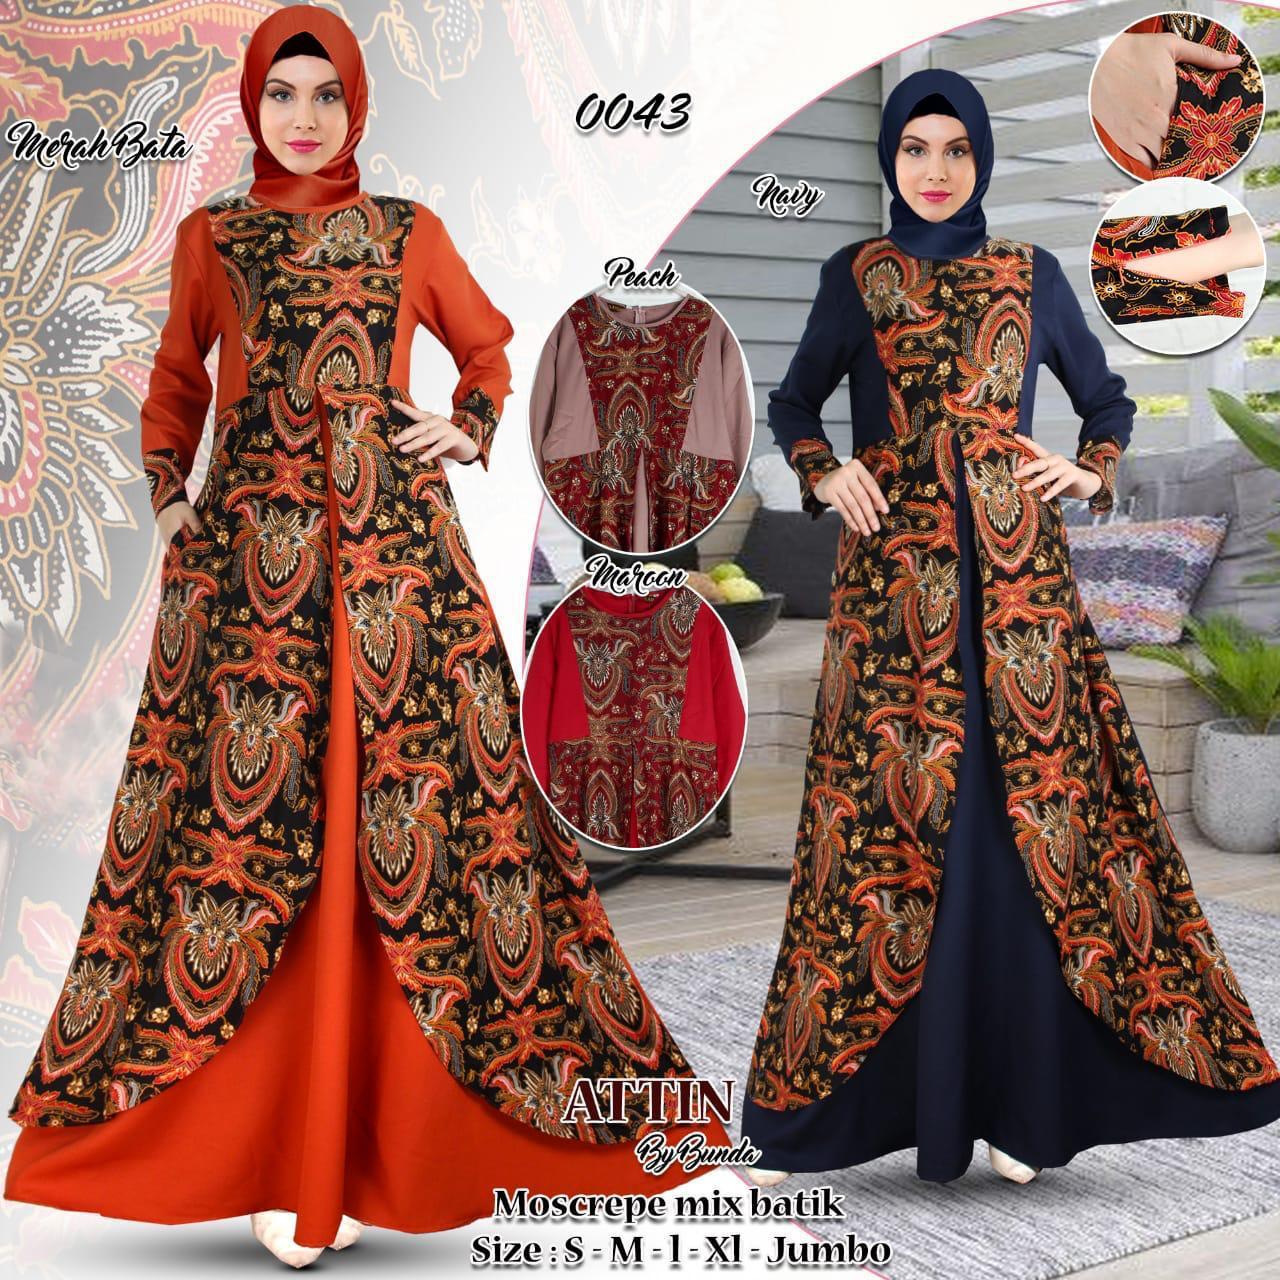 Gamis batik kombinasi moscrepe terbaru terlaris 9 cocok buat lebaran  pesta pernikahan